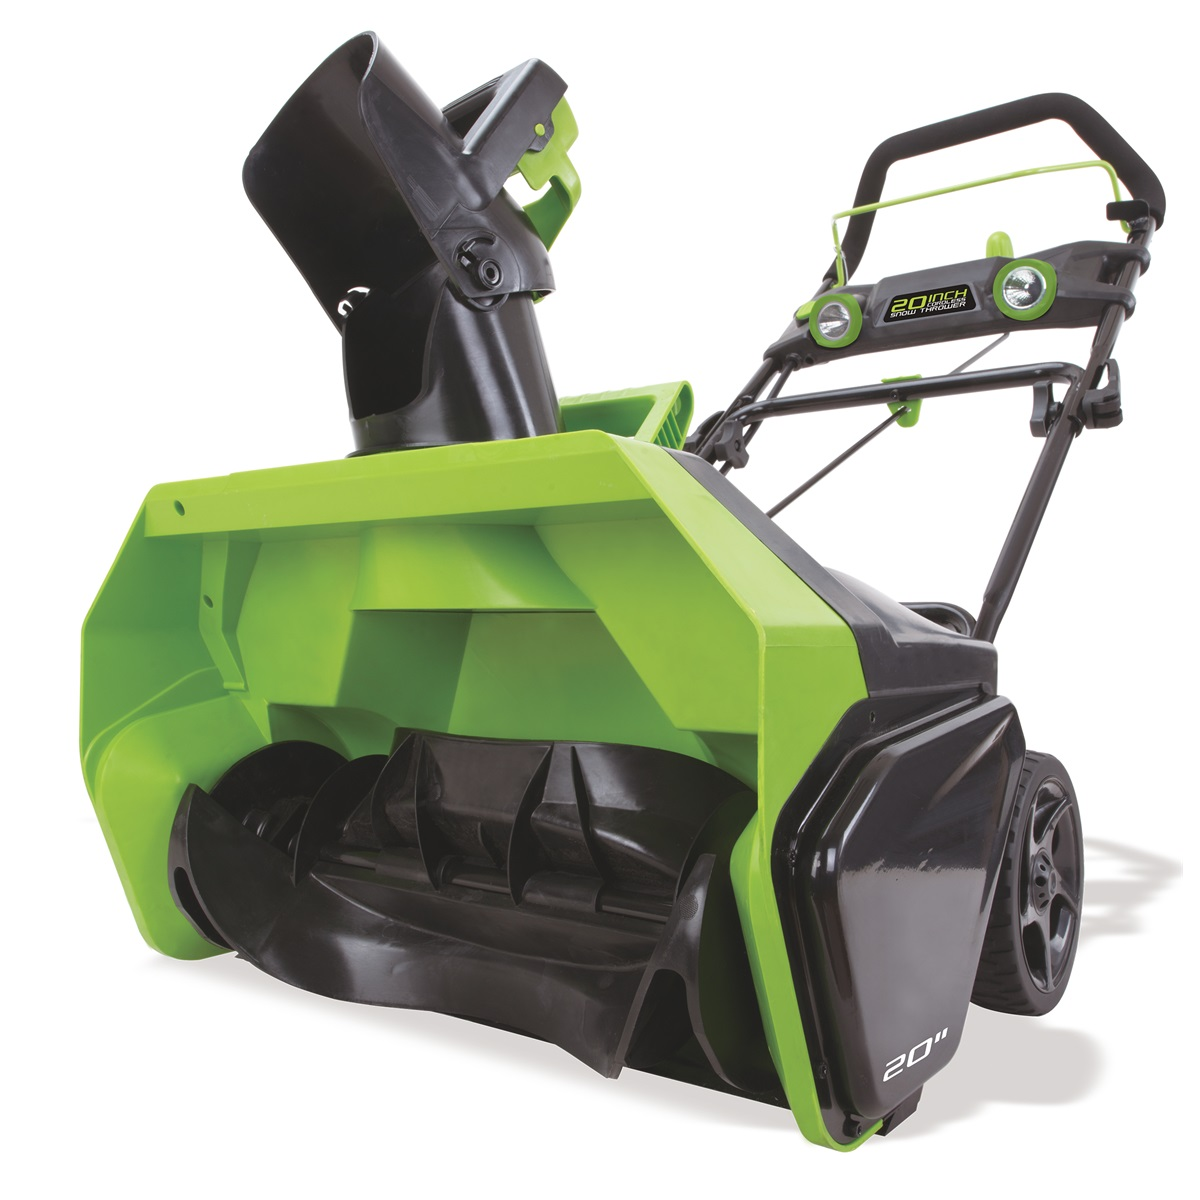 Greenworks GD40ST